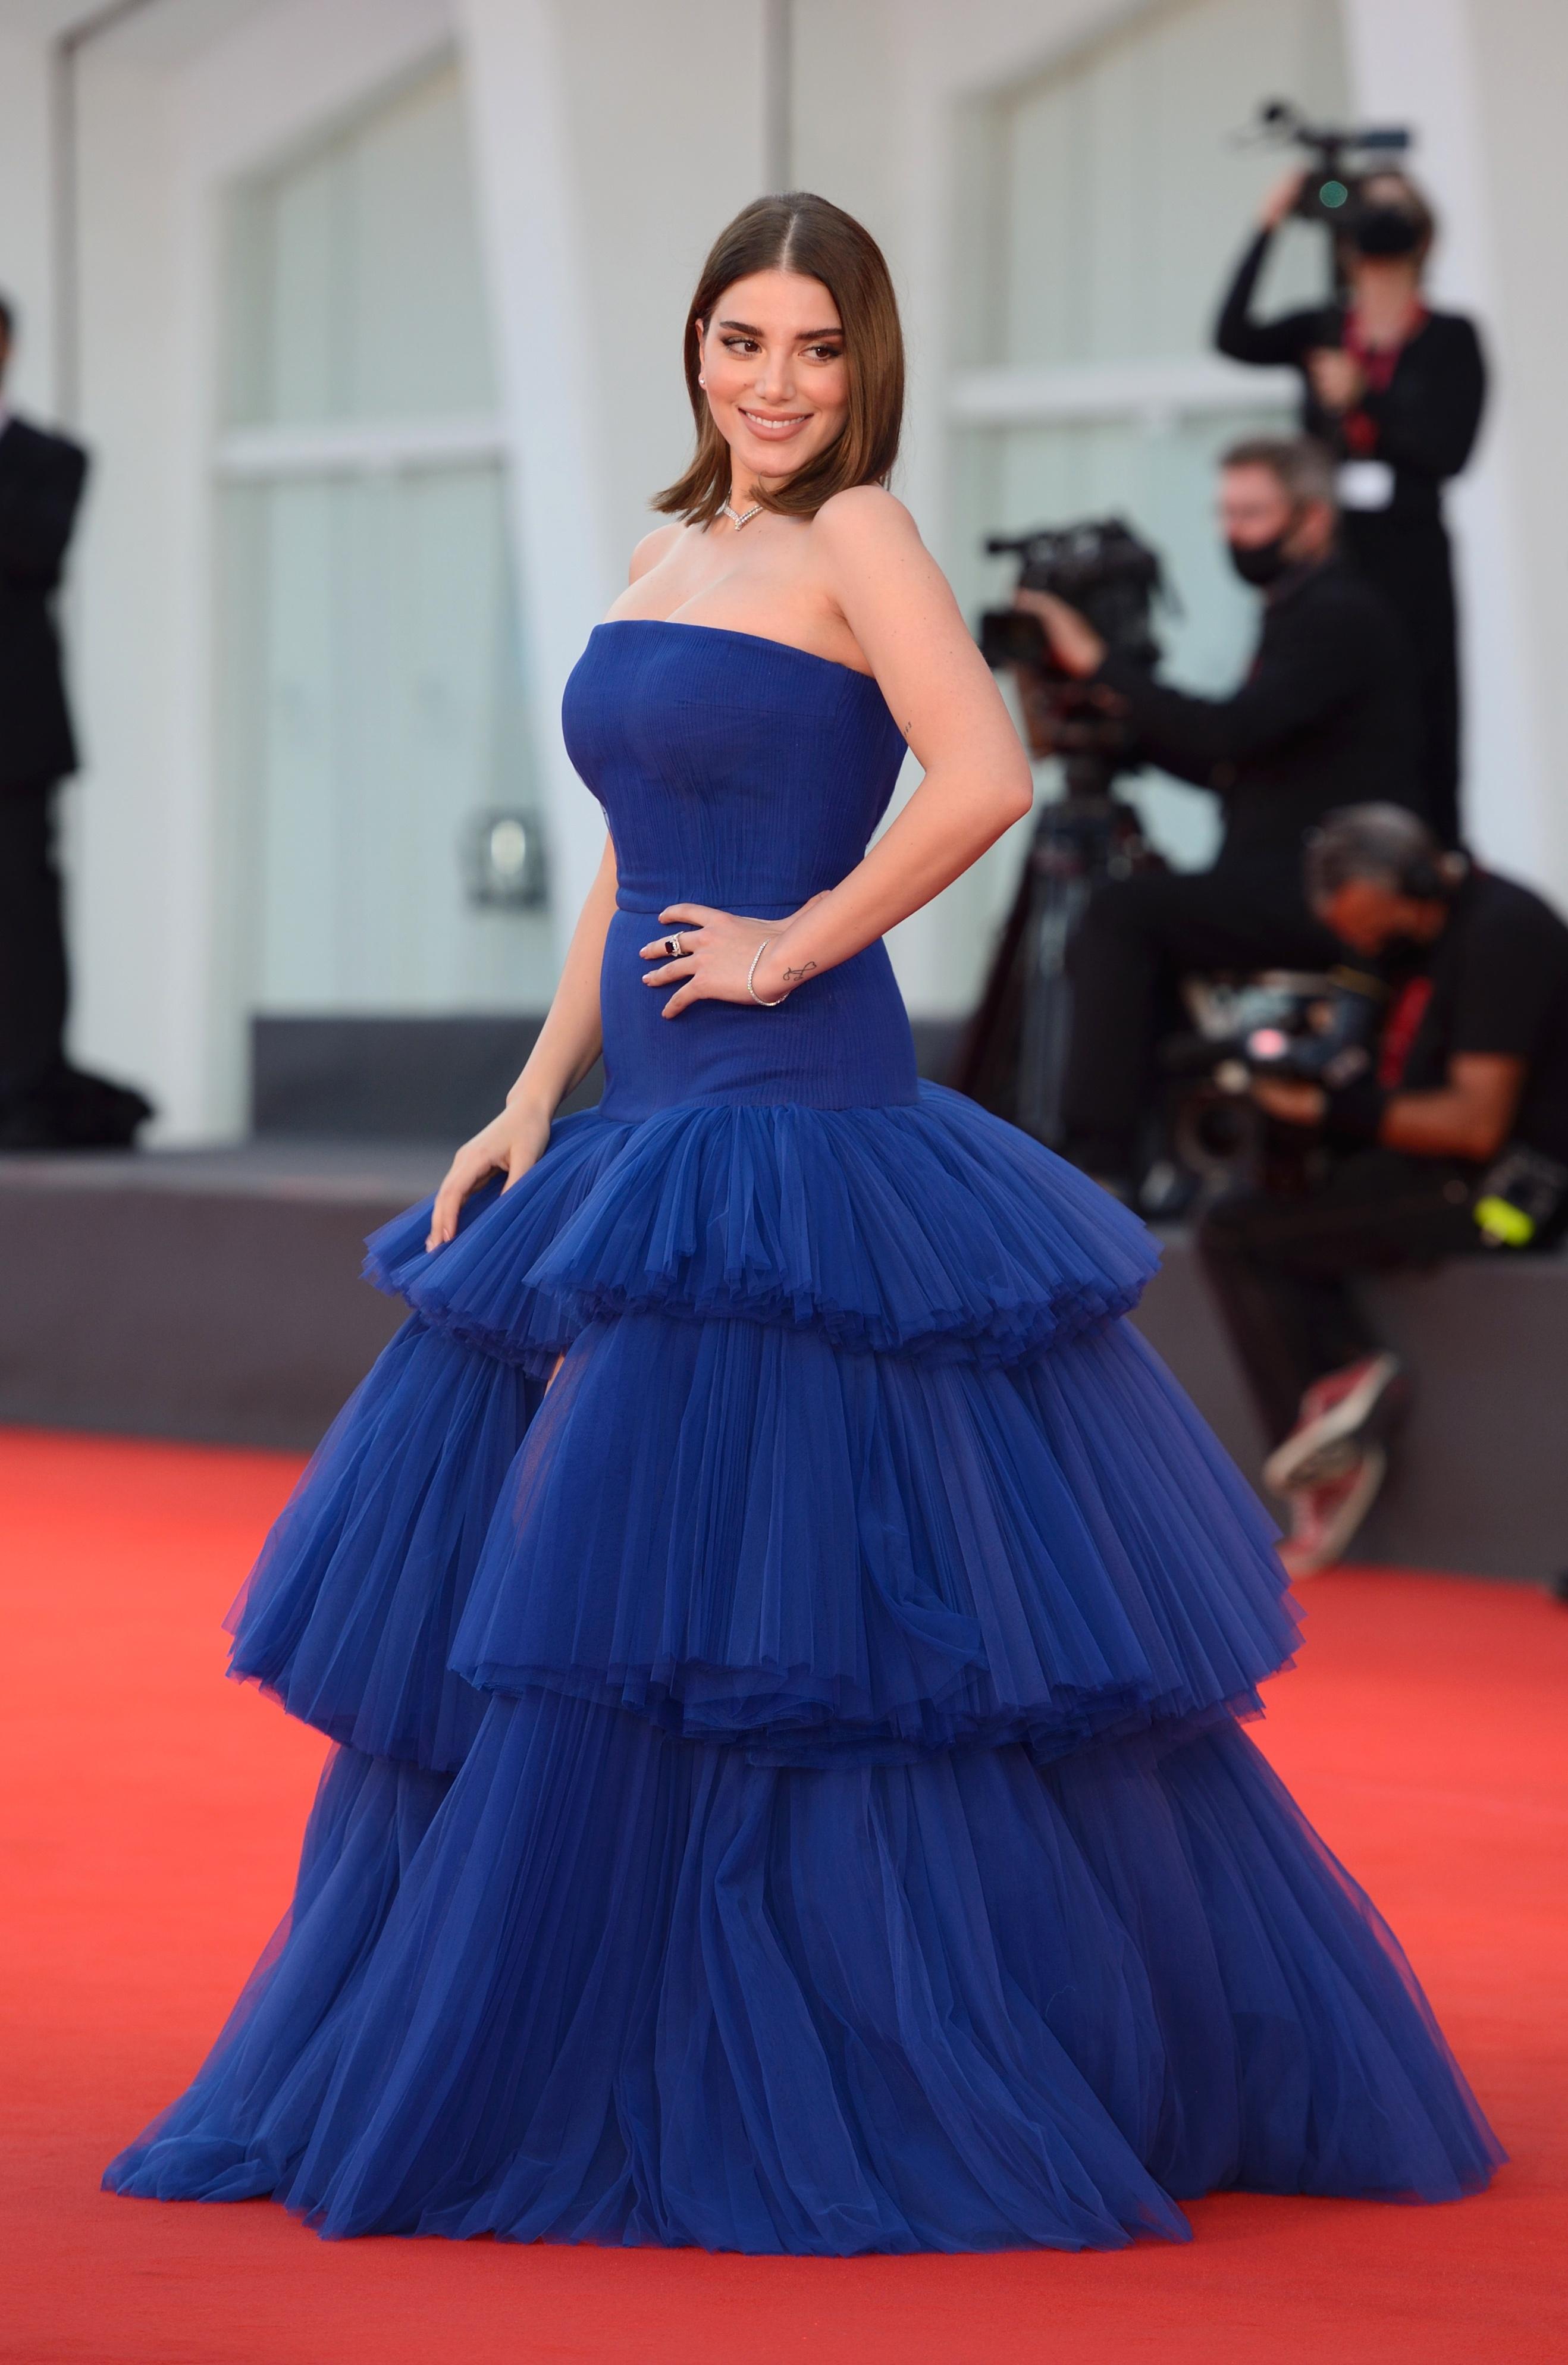 سينثيا صمويل بفستان باللون الأزرق النيلي